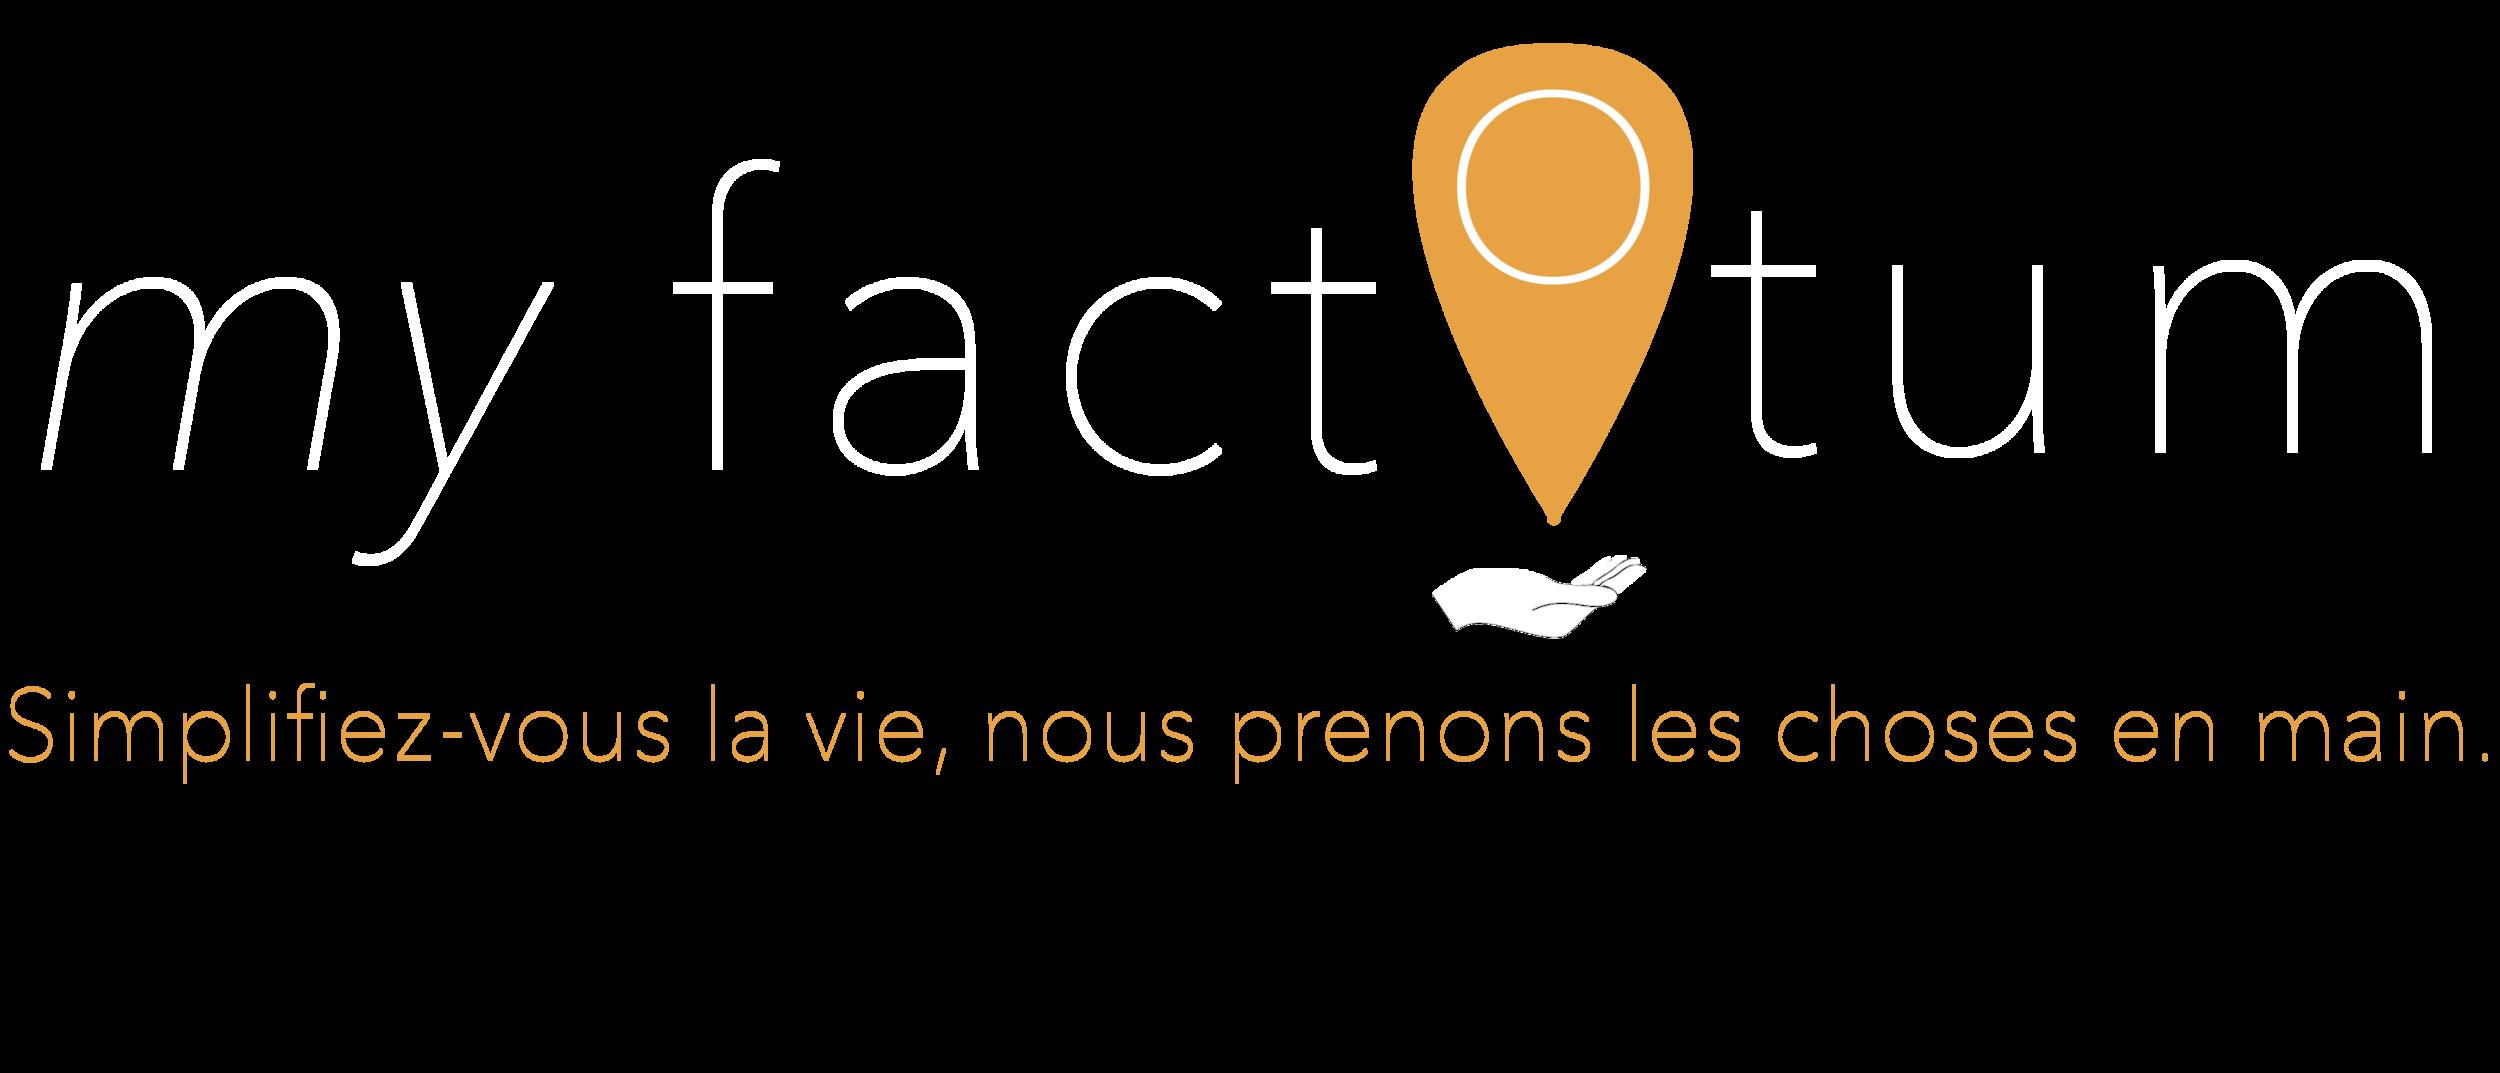 logo myfactotum script copy.png